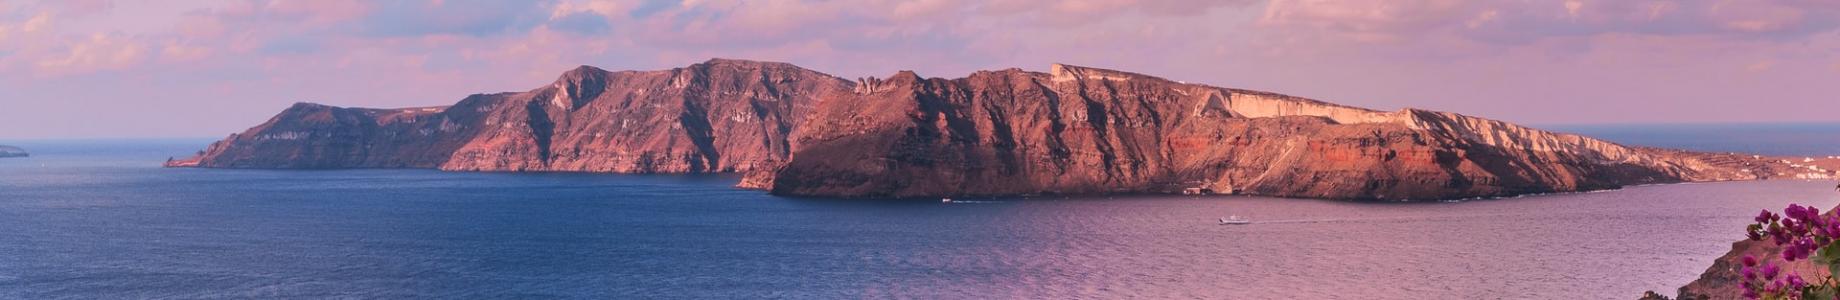 Топ-7 лучших направлений и маршрутов на яхте в Греции